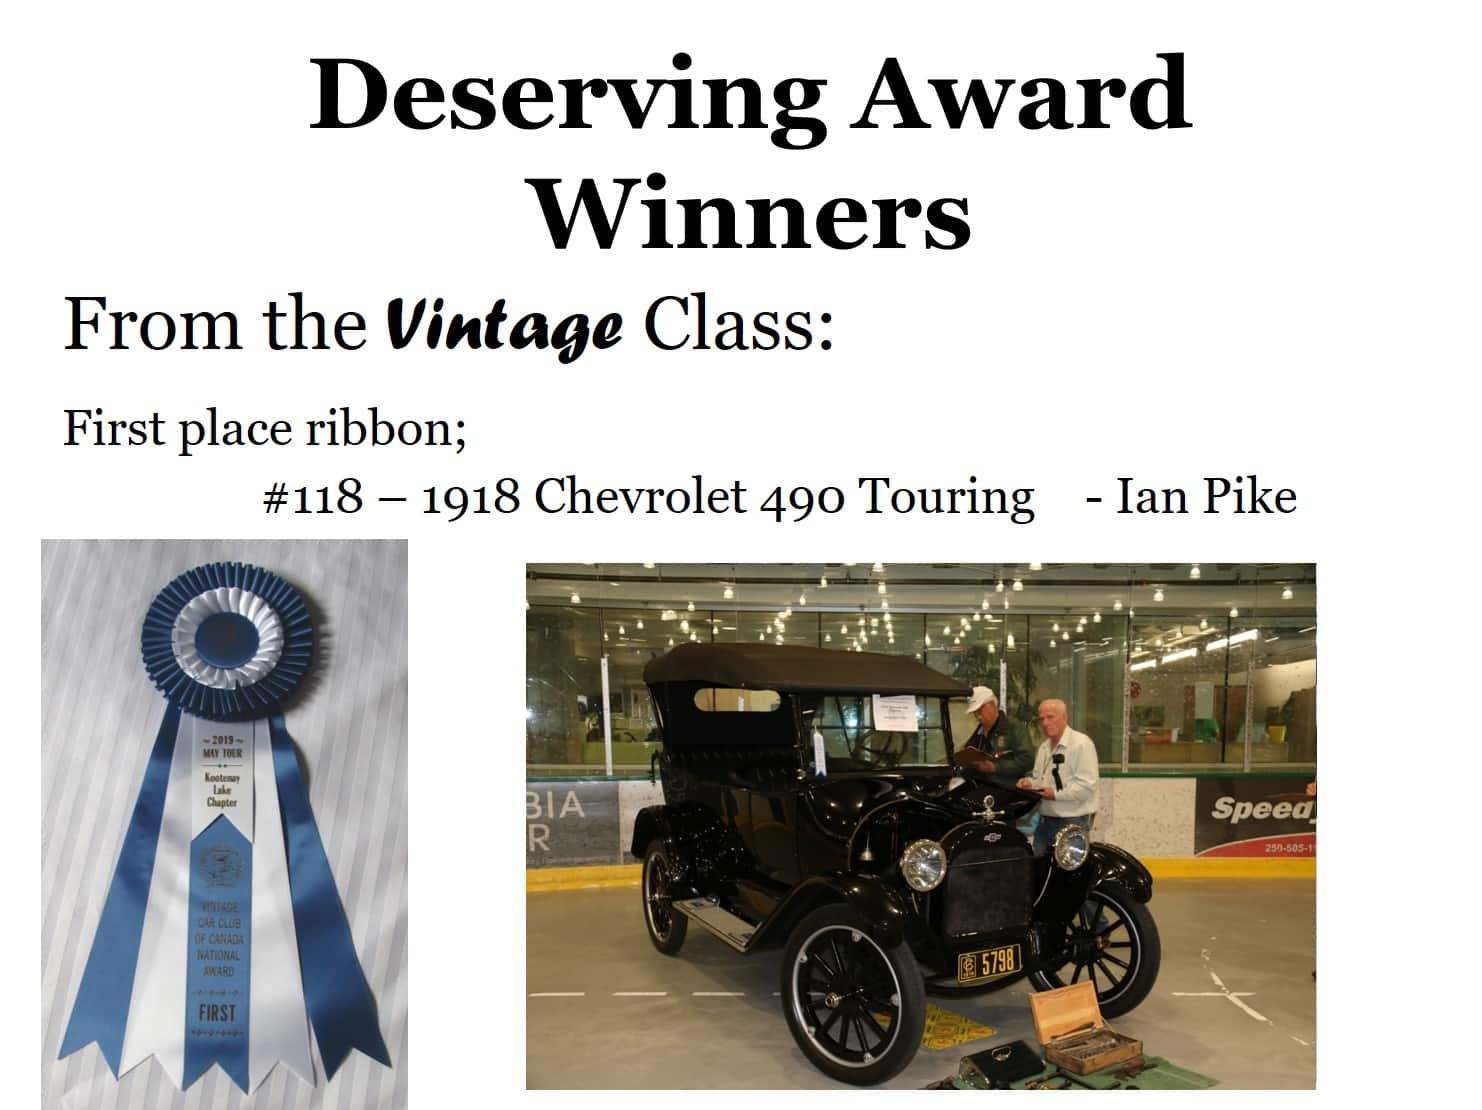 Vintage Class - 1st Place